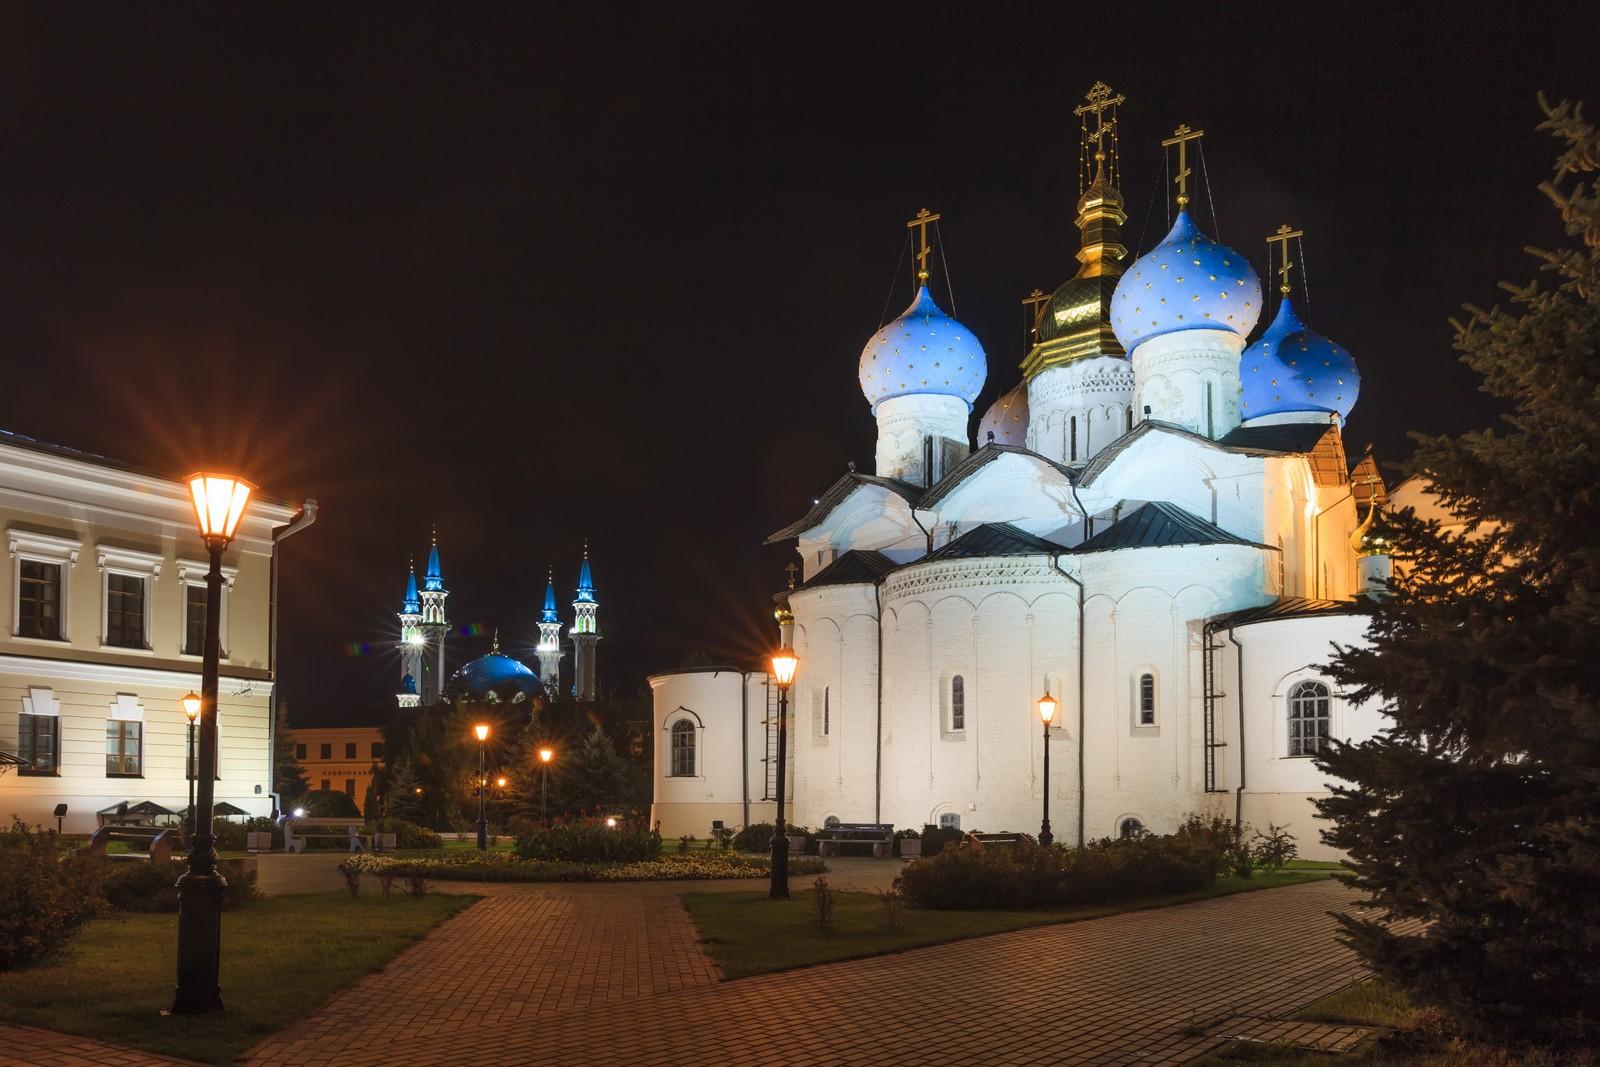 Благовещенский собор Казанского кремля, вечер